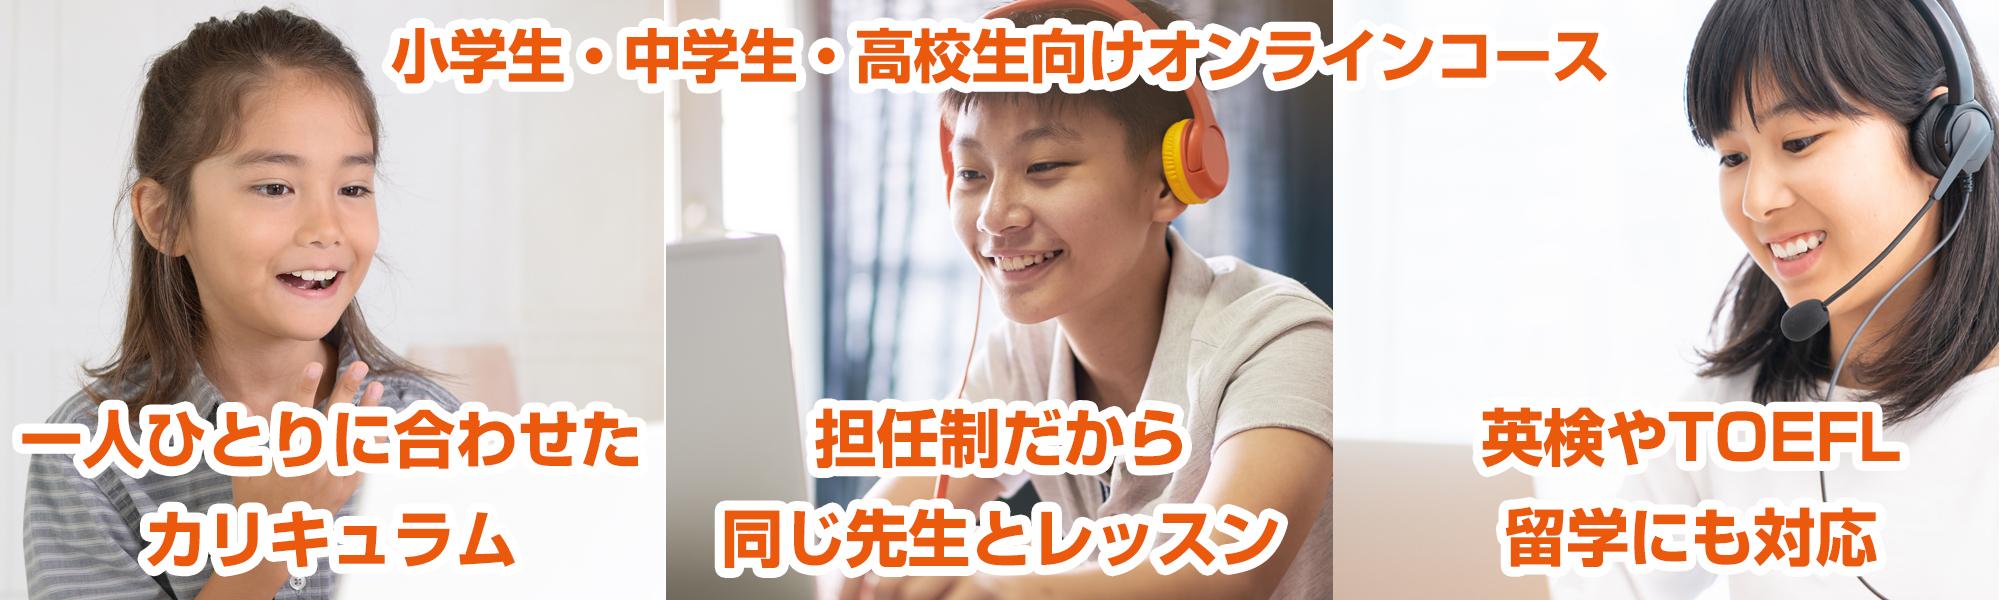 オンライン英語4技能コース